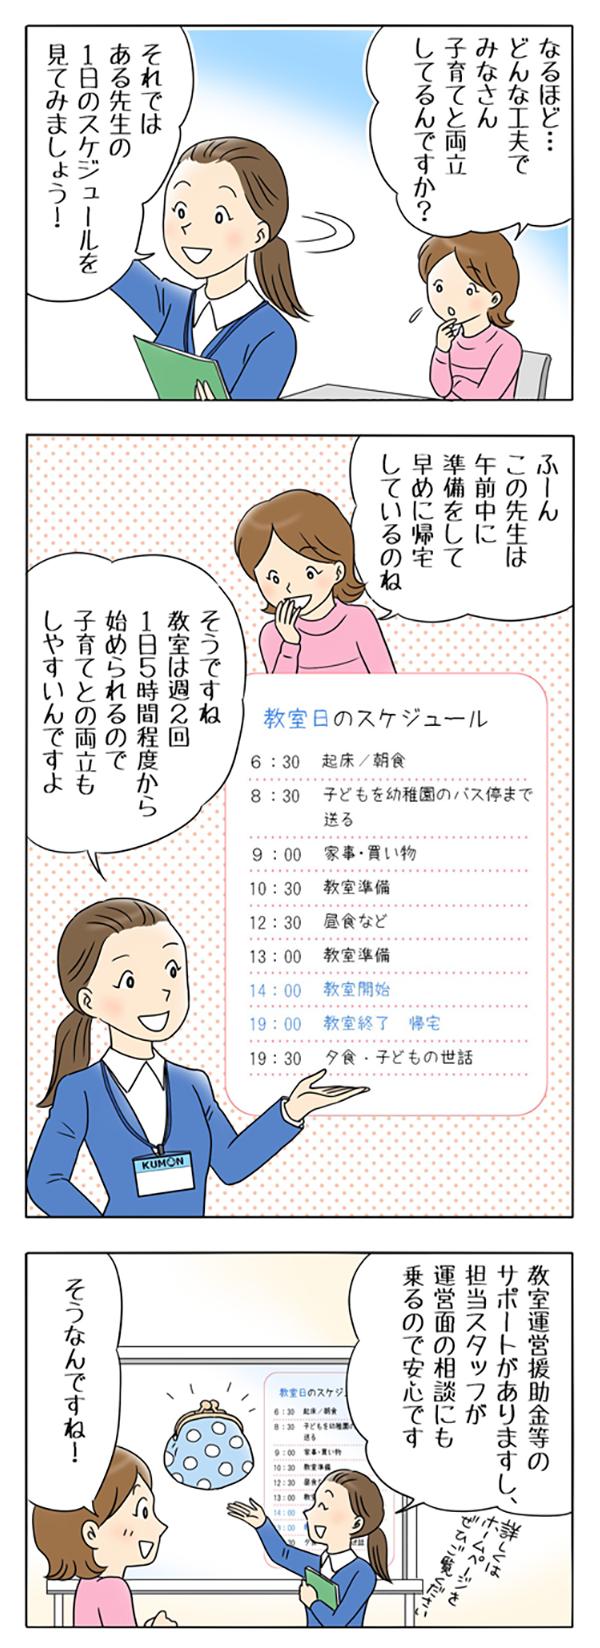 ママの働き方に新提案!子育ての経験を活かせる、やりがいのある仕事とは?の画像8